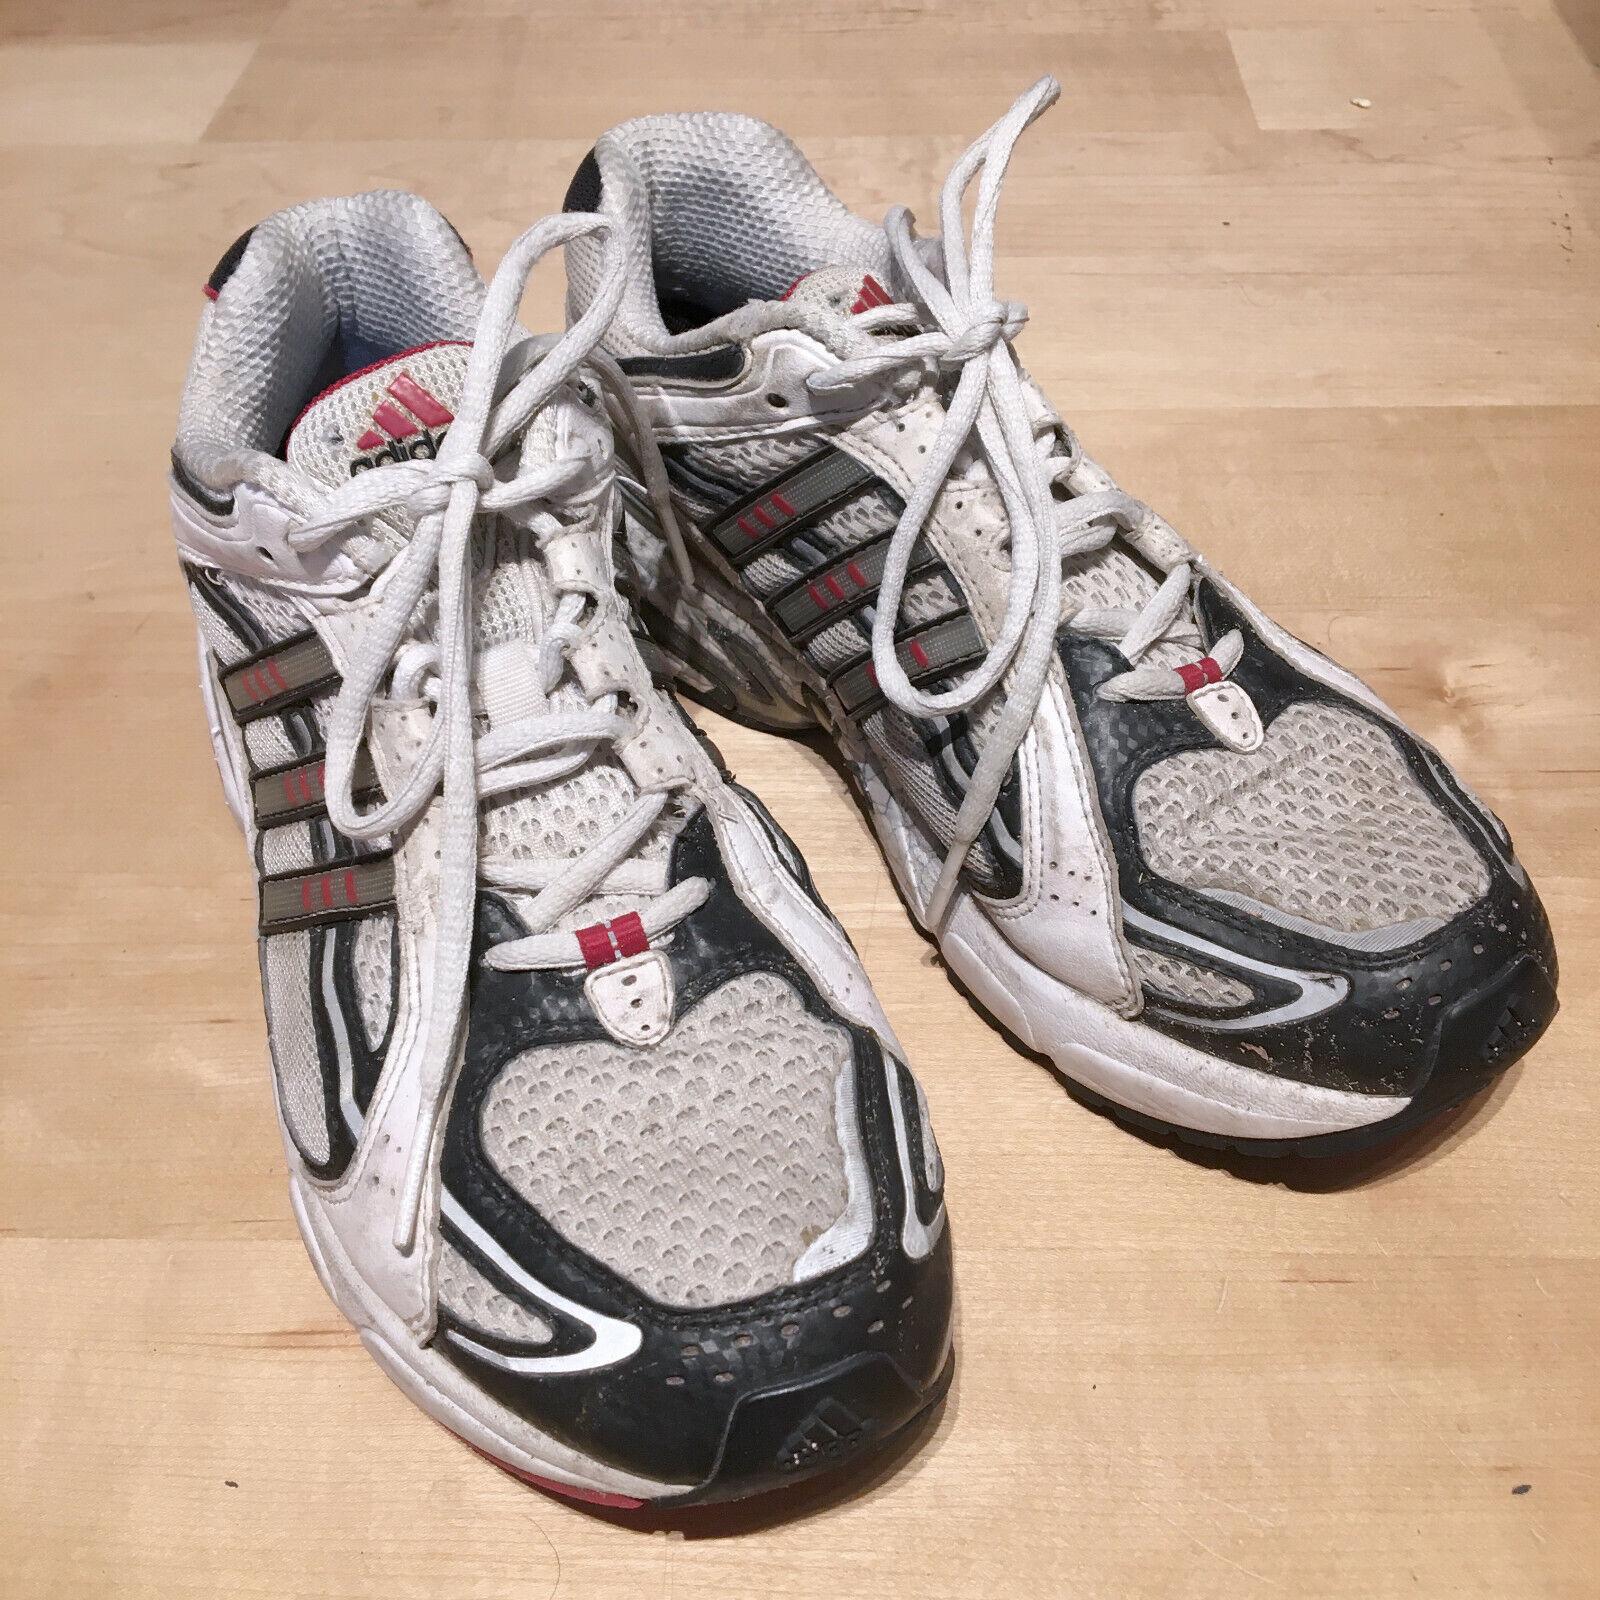 Adidas Supernova Control Laufschuhe Running - weiß